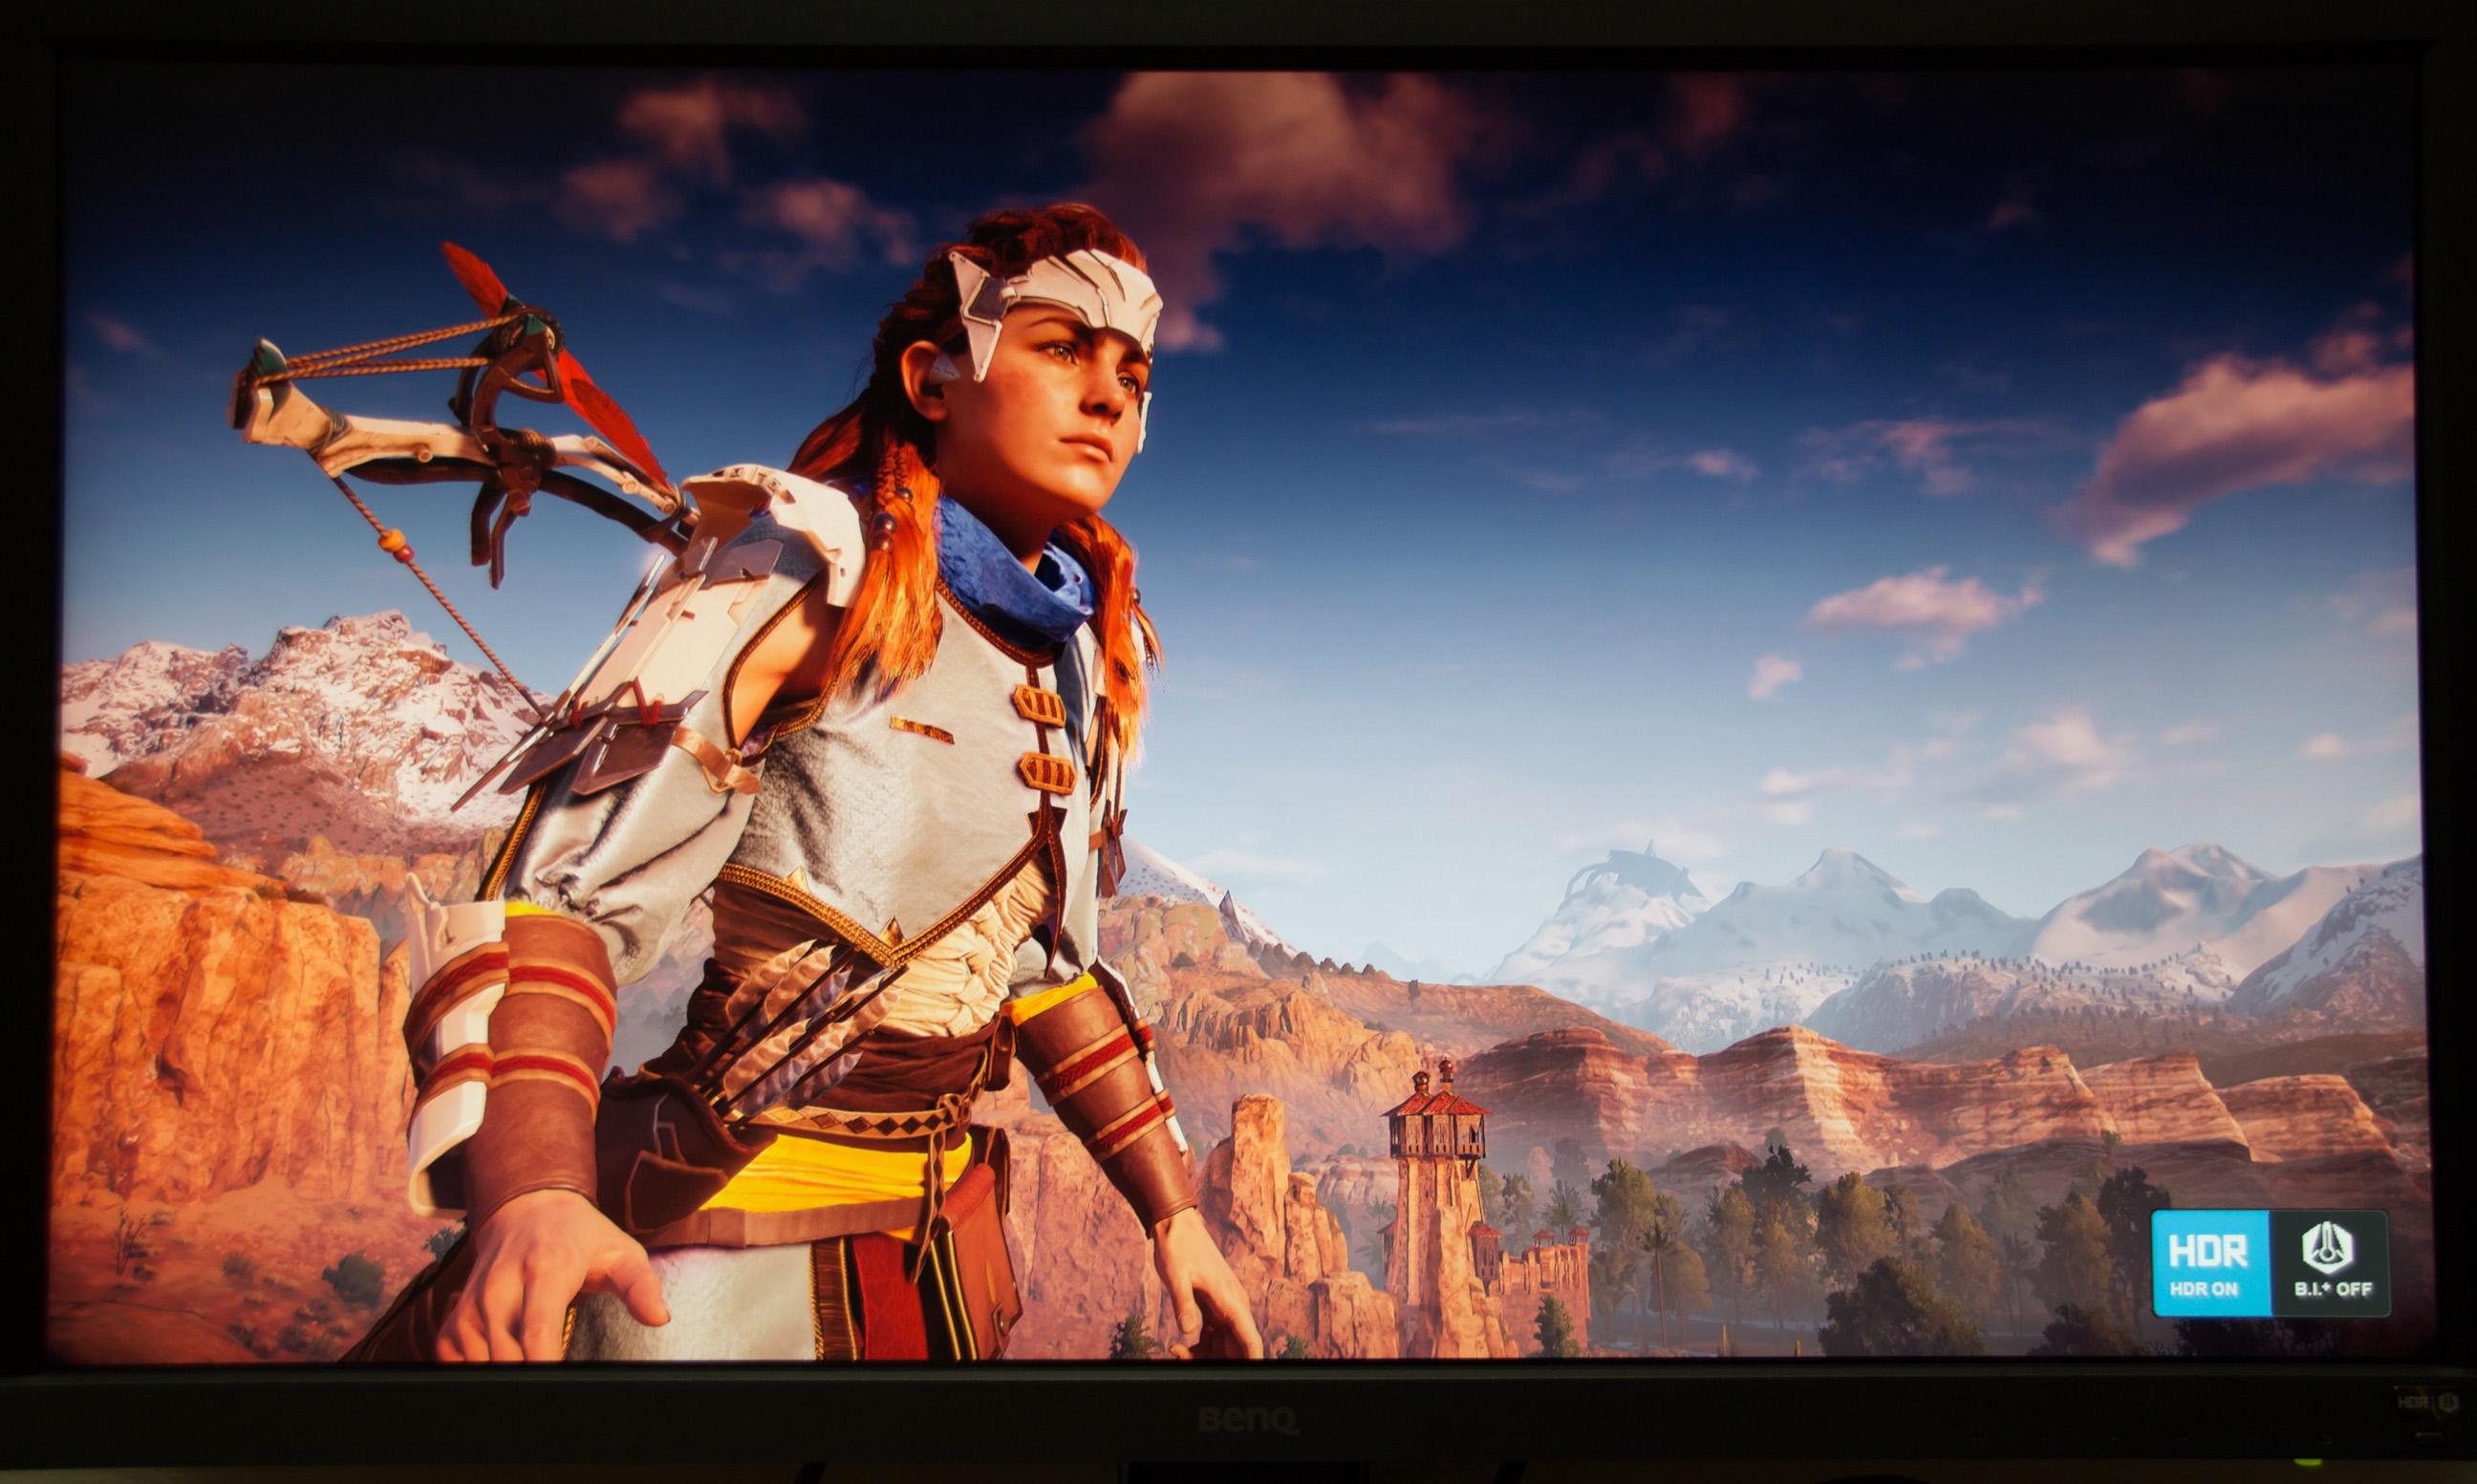 PS4 Proとの組み合わせが抜群!BenQ 4K HDRゲーミングディスプレイ『EL2870U』で色々ゲームをしてみた